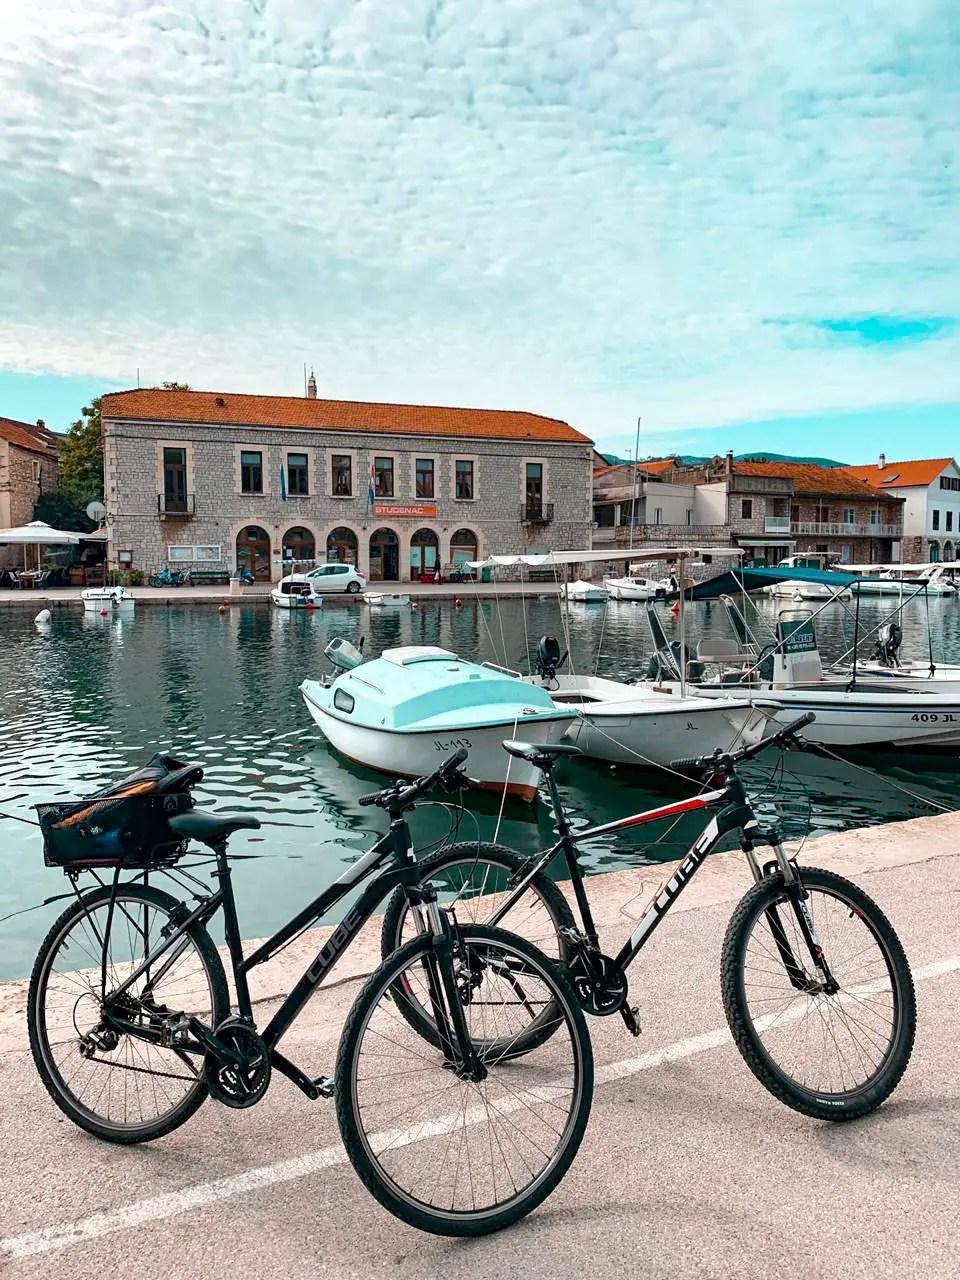 Bicicletas en Hvar